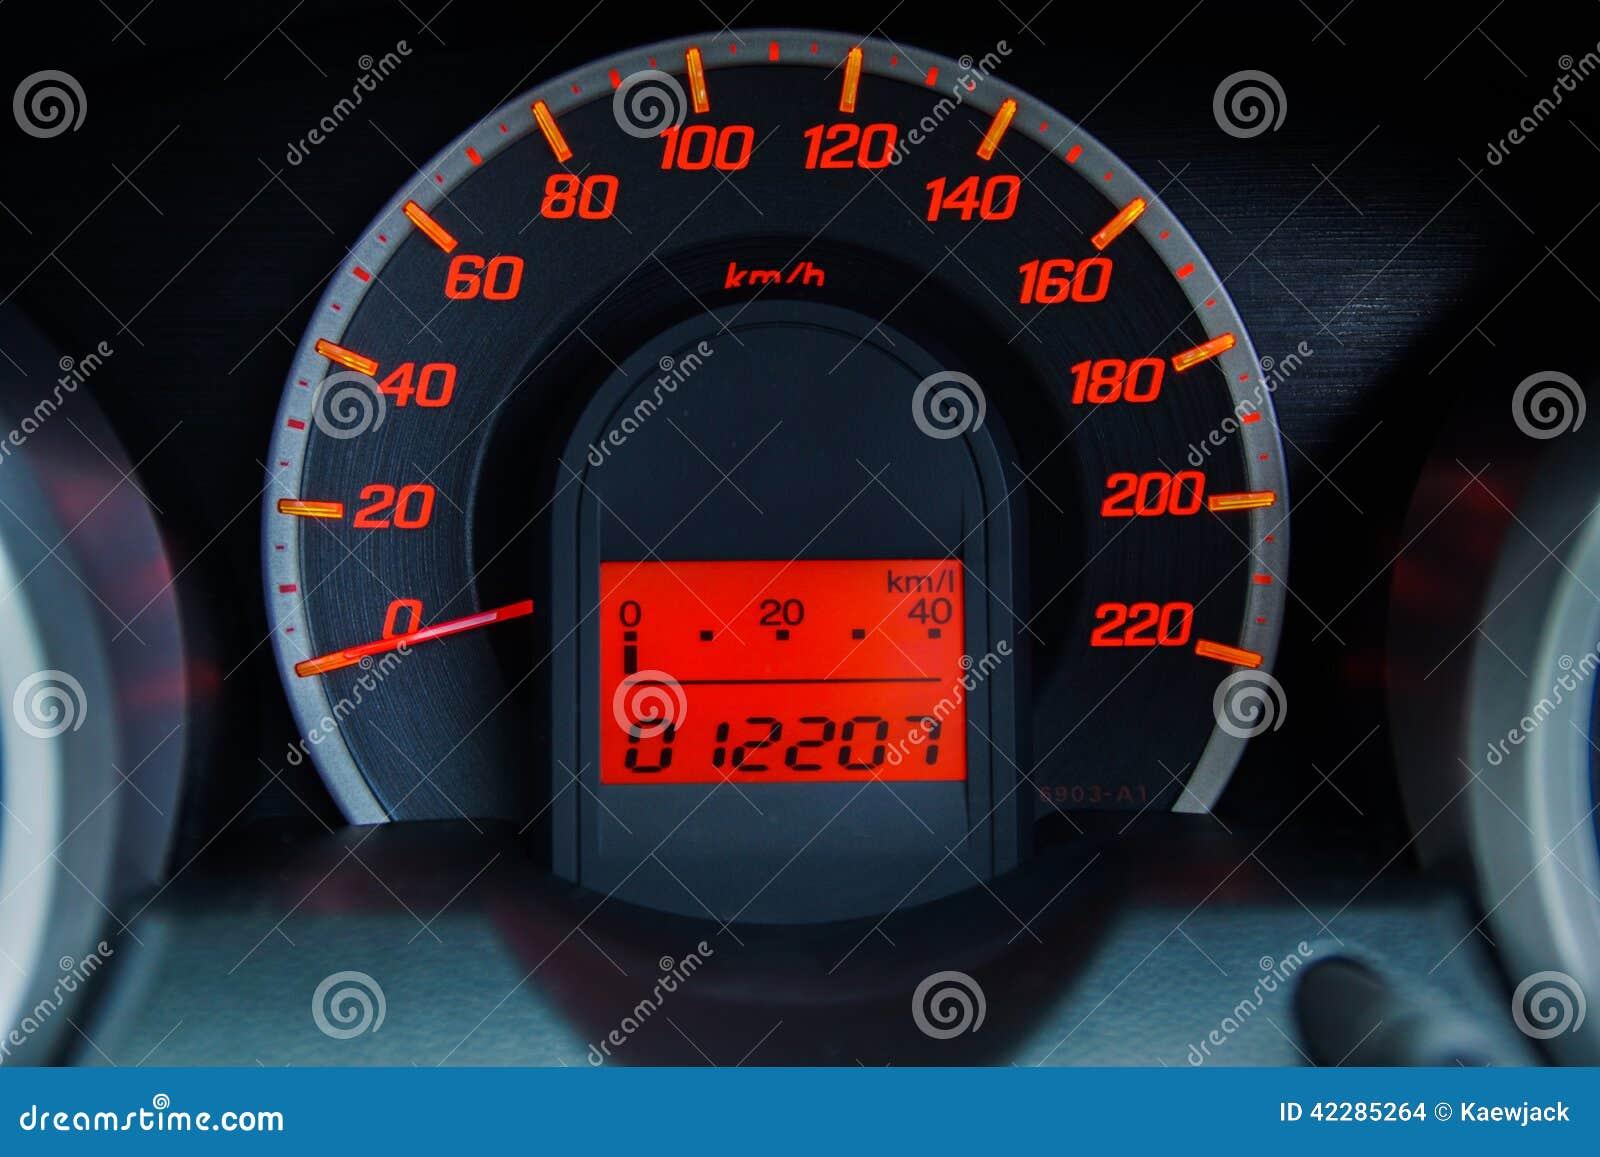 Velocímetro moderno del coche y tablero de instrumentos iluminado